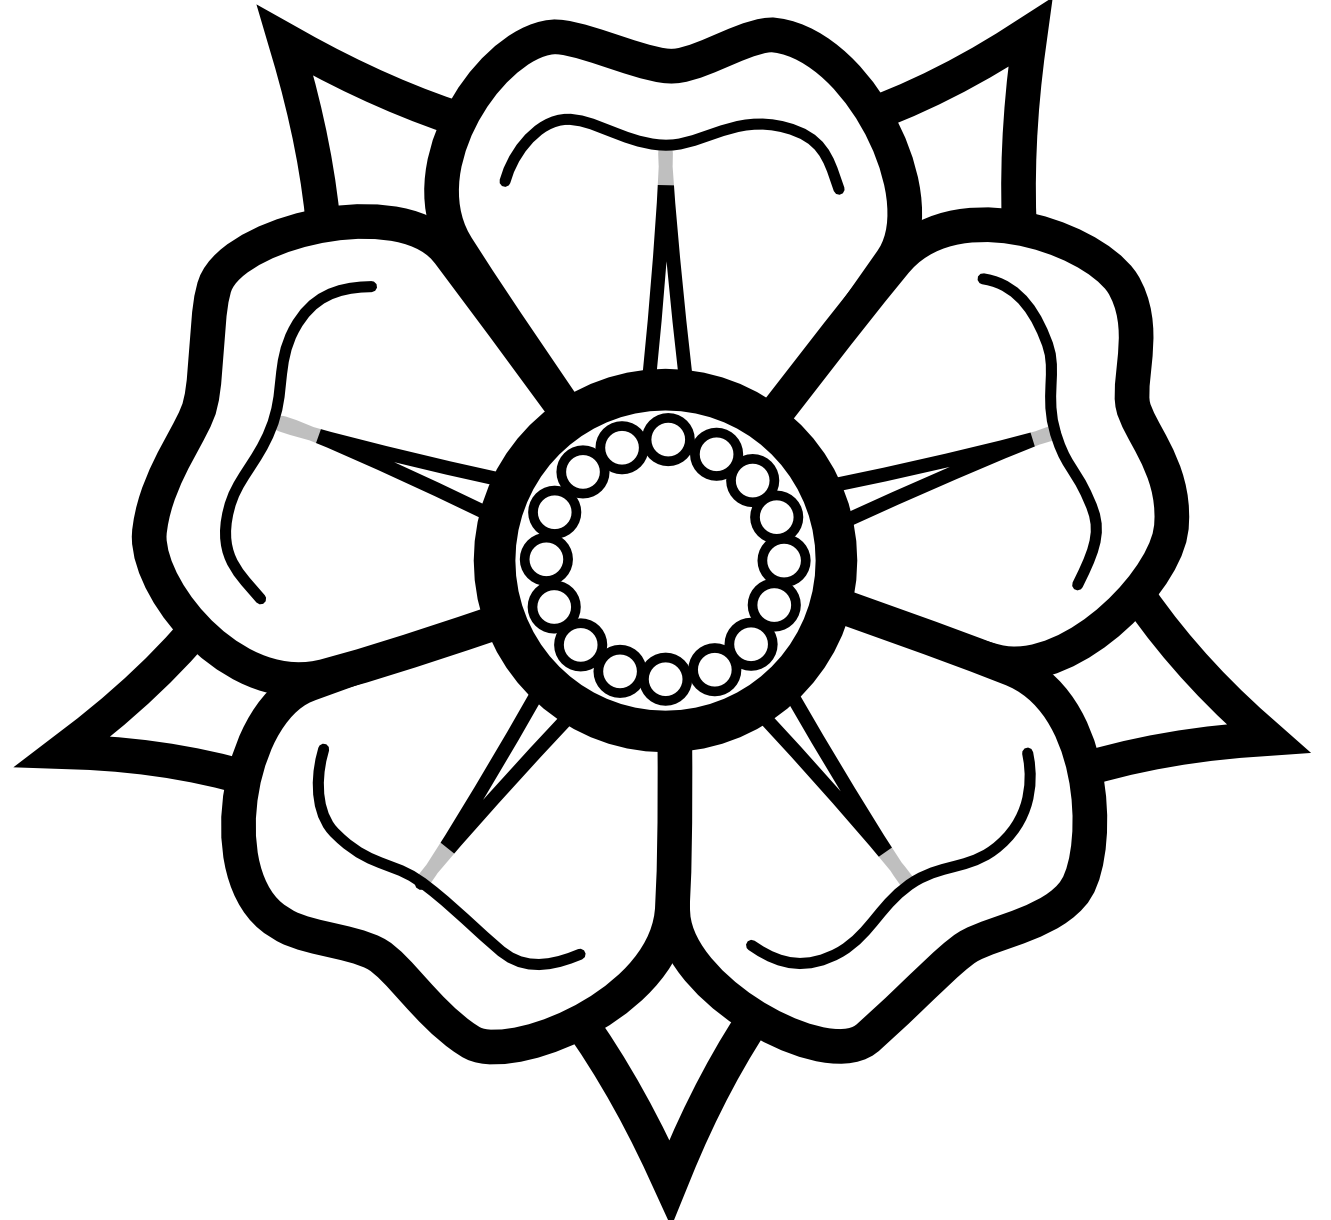 Line Art Black And White : Heraldisch lippische rose black white line art tattoo